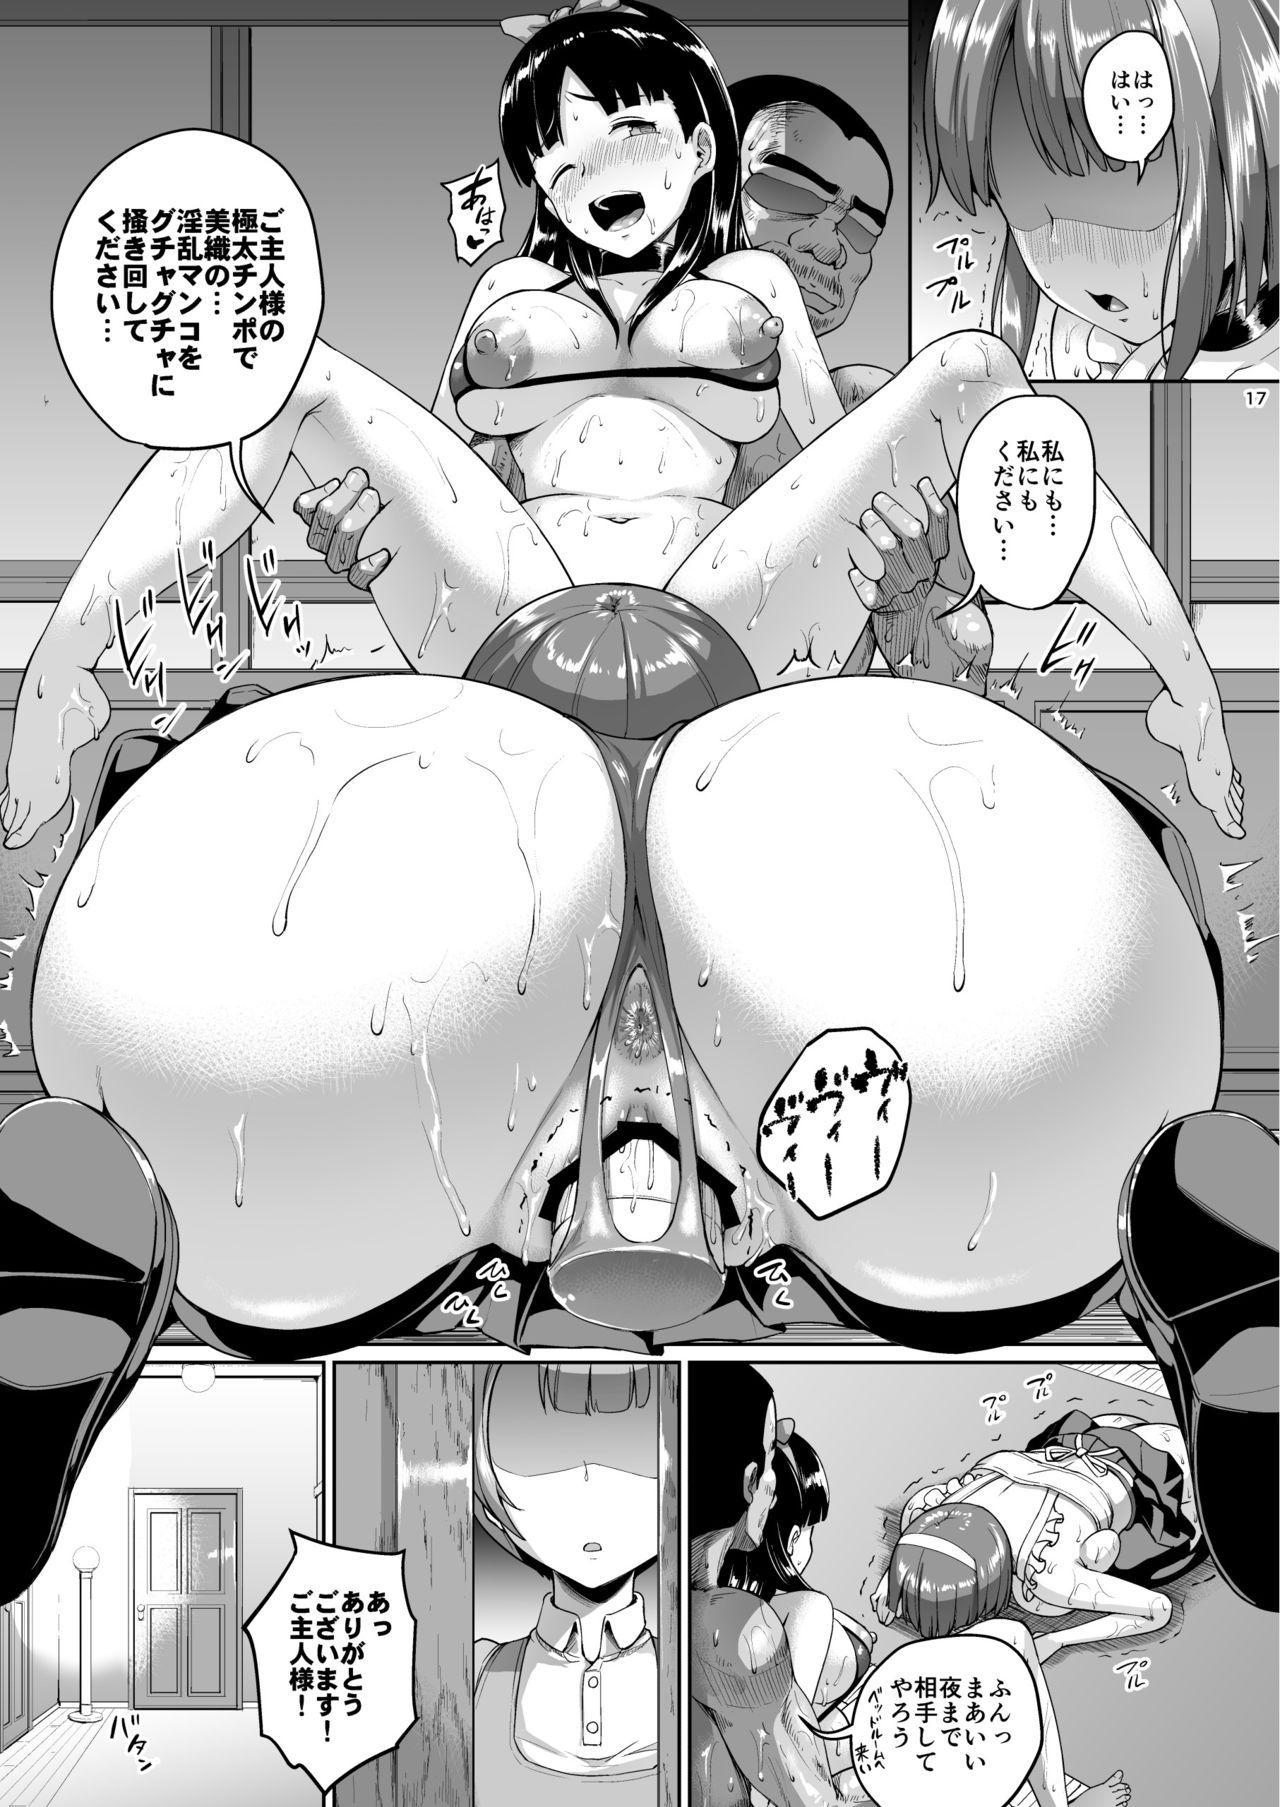 Oyashiki no Hi 2 16